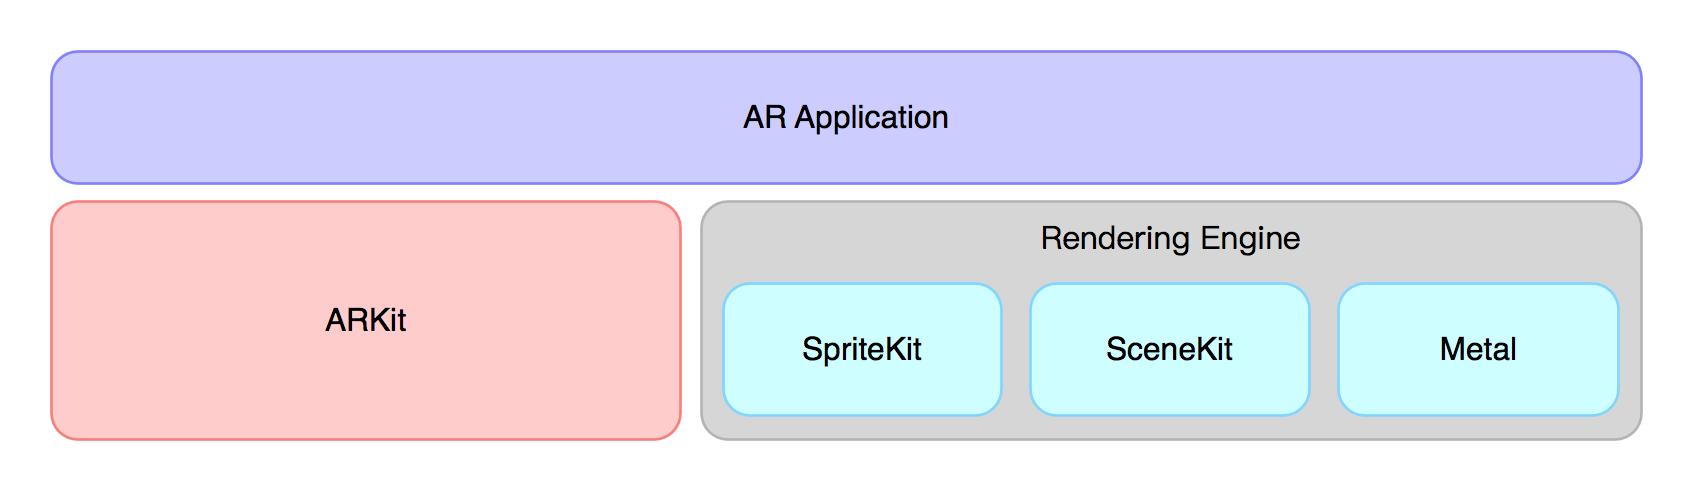 图2 AR 应用的整体架构